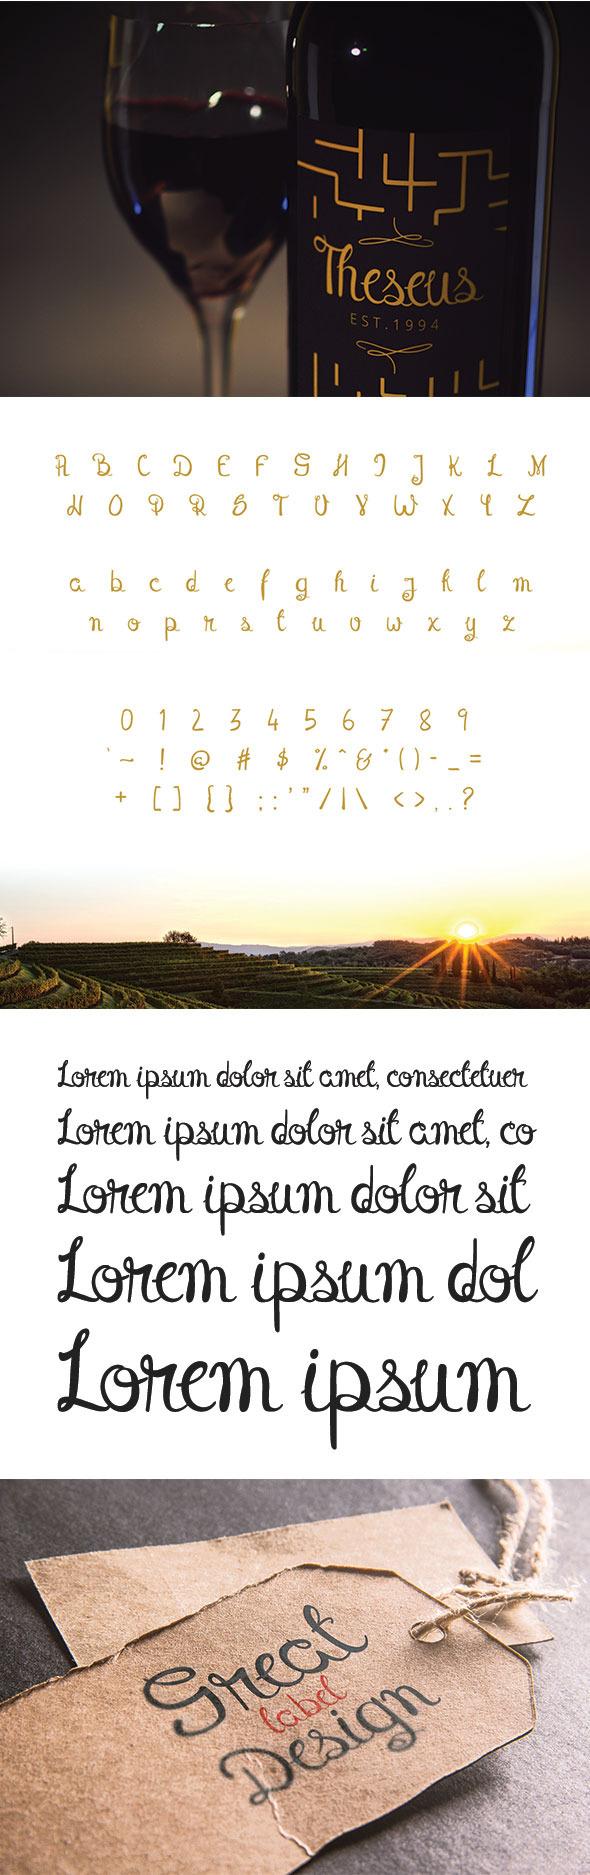 GraphicRiver Theseus Font 10618764